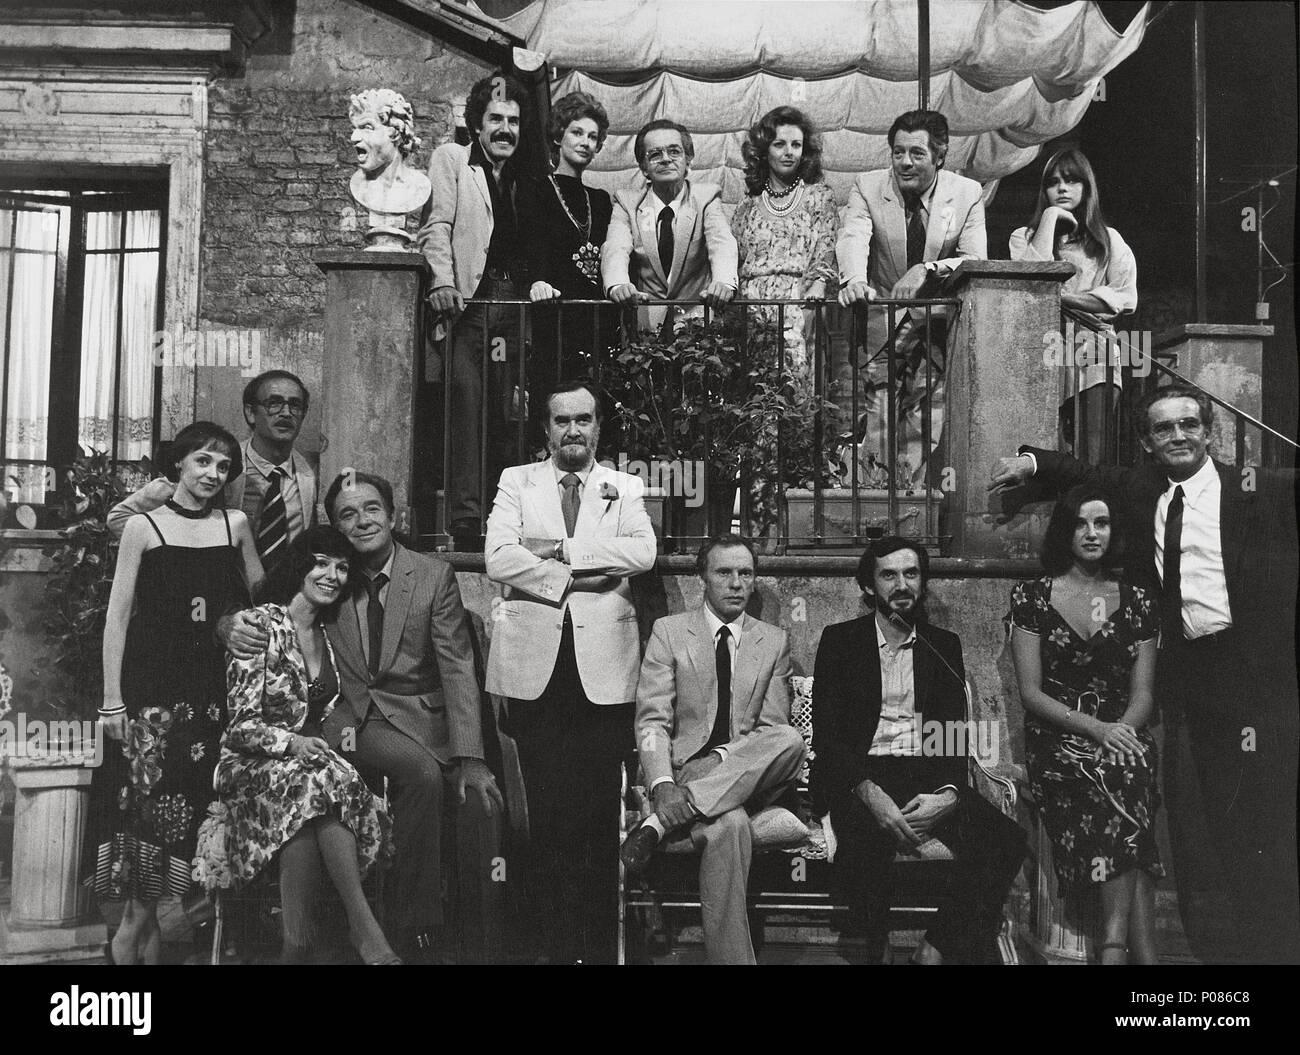 Original Film Title: LA TERRAZZA. English Title: THE TERRACE. Film ...